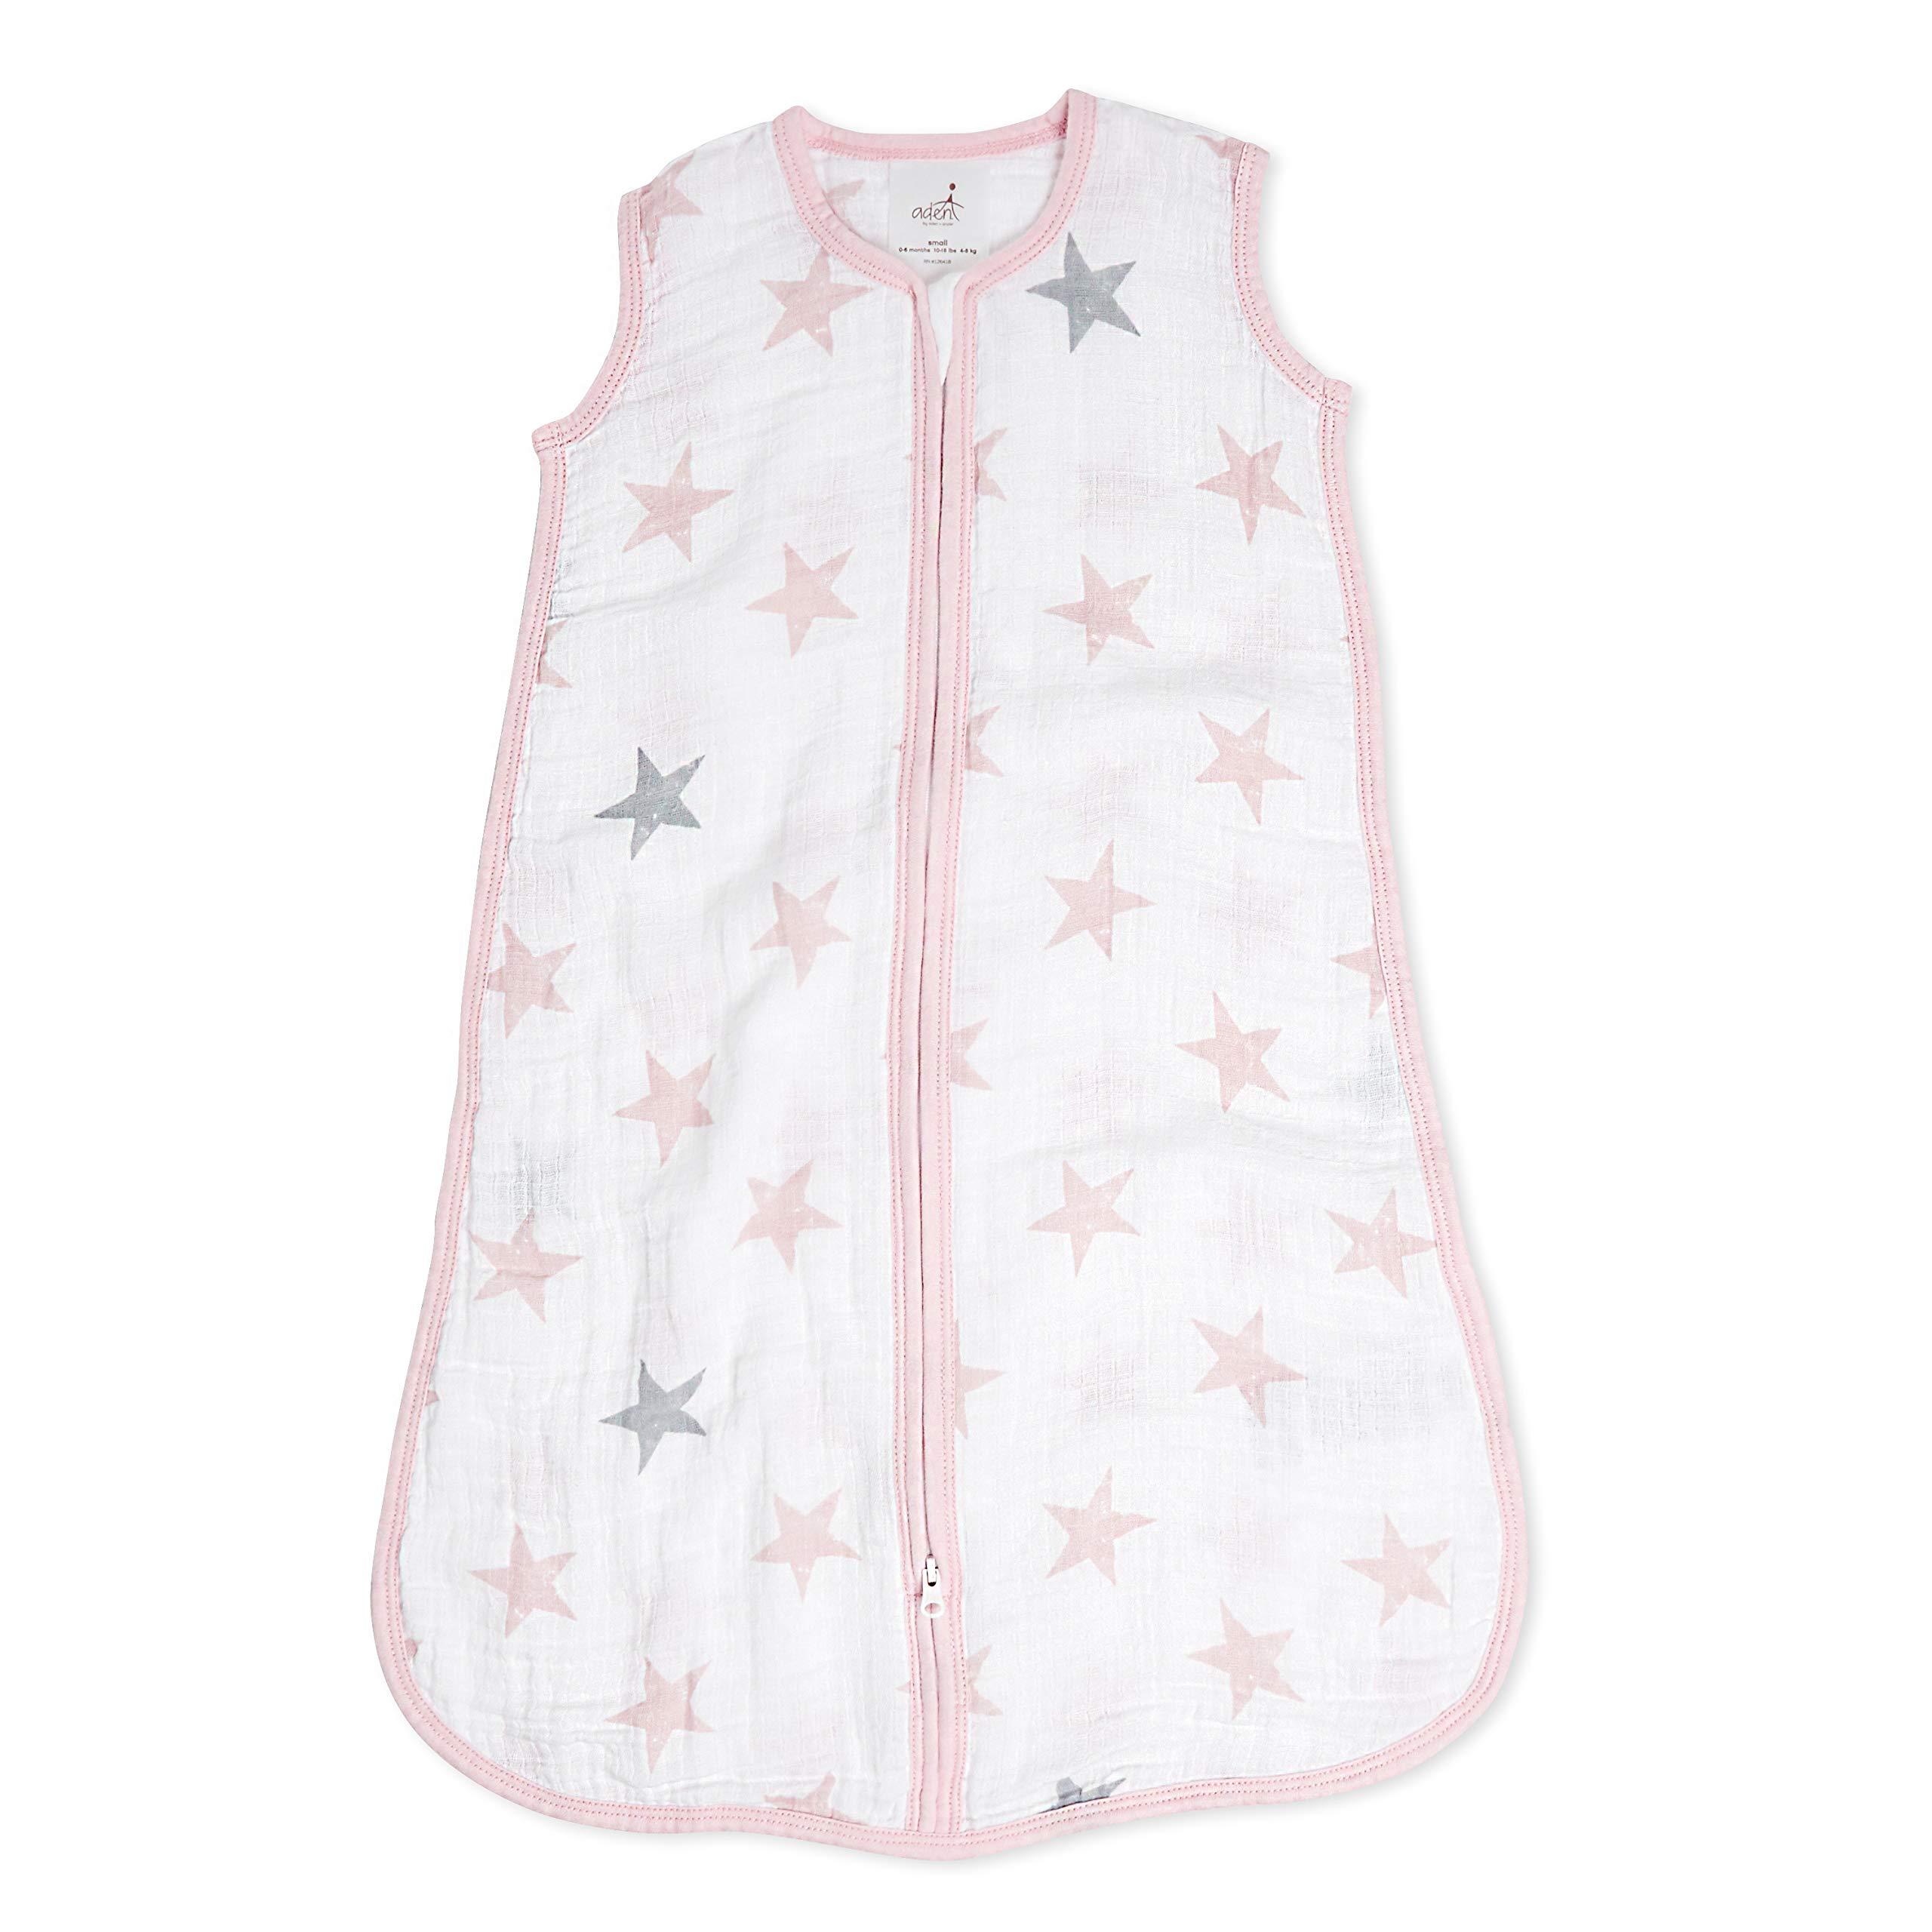 aden by aden + anais saco de dormir, 100% muselina de algodón, 1.0 TOG , muñeca – estrellas, 6-12 meses